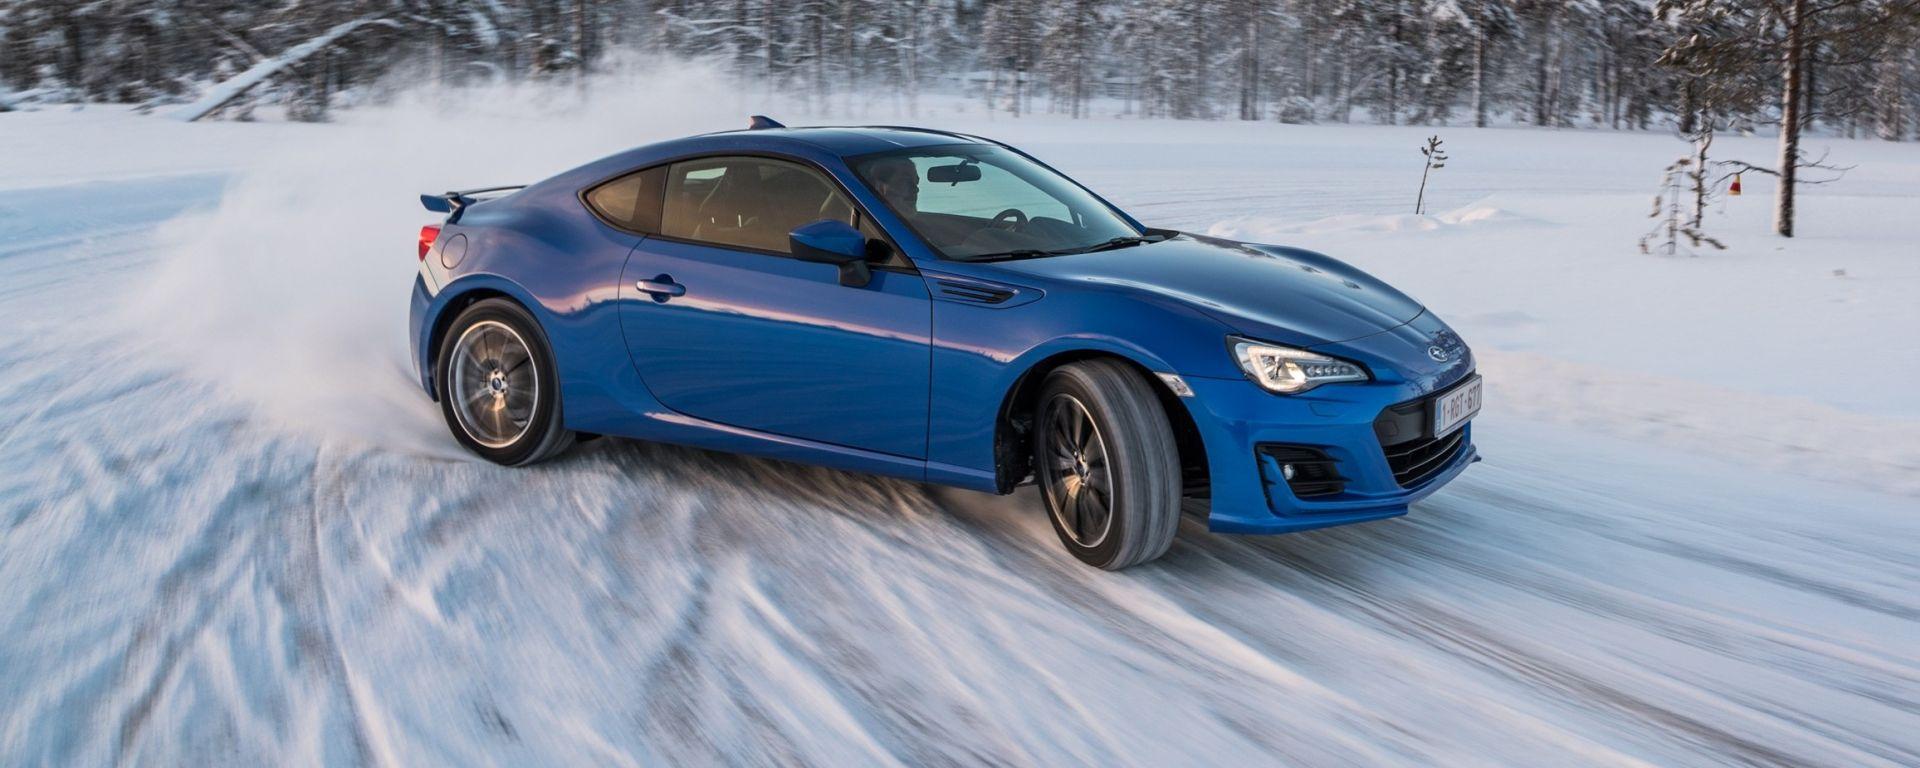 Subaru BRZ m.y. 2017: la coupé a trazione posteriore a spasso sulle nevi della Lapponia